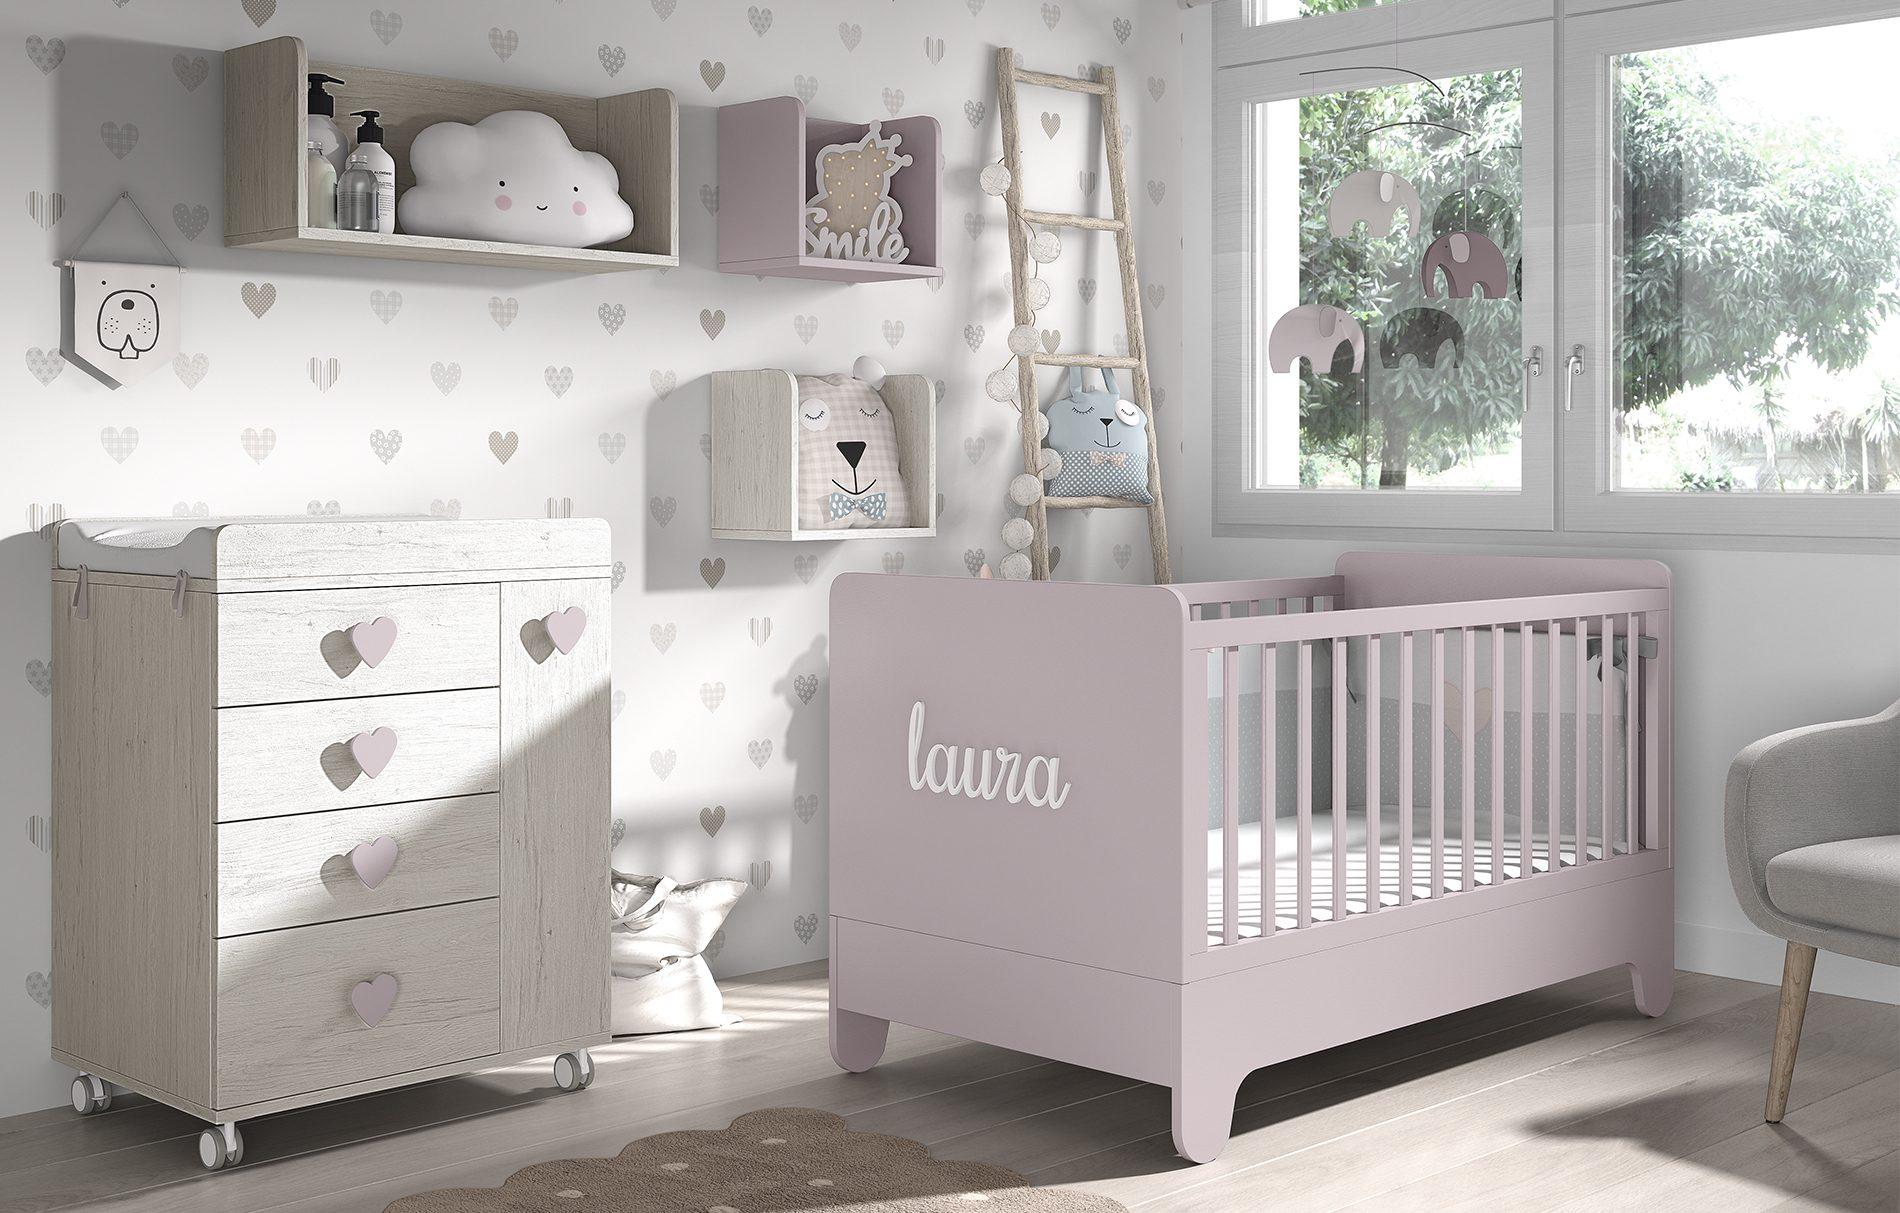 Lettino per neonati trasformabile e personalizzabile col nome